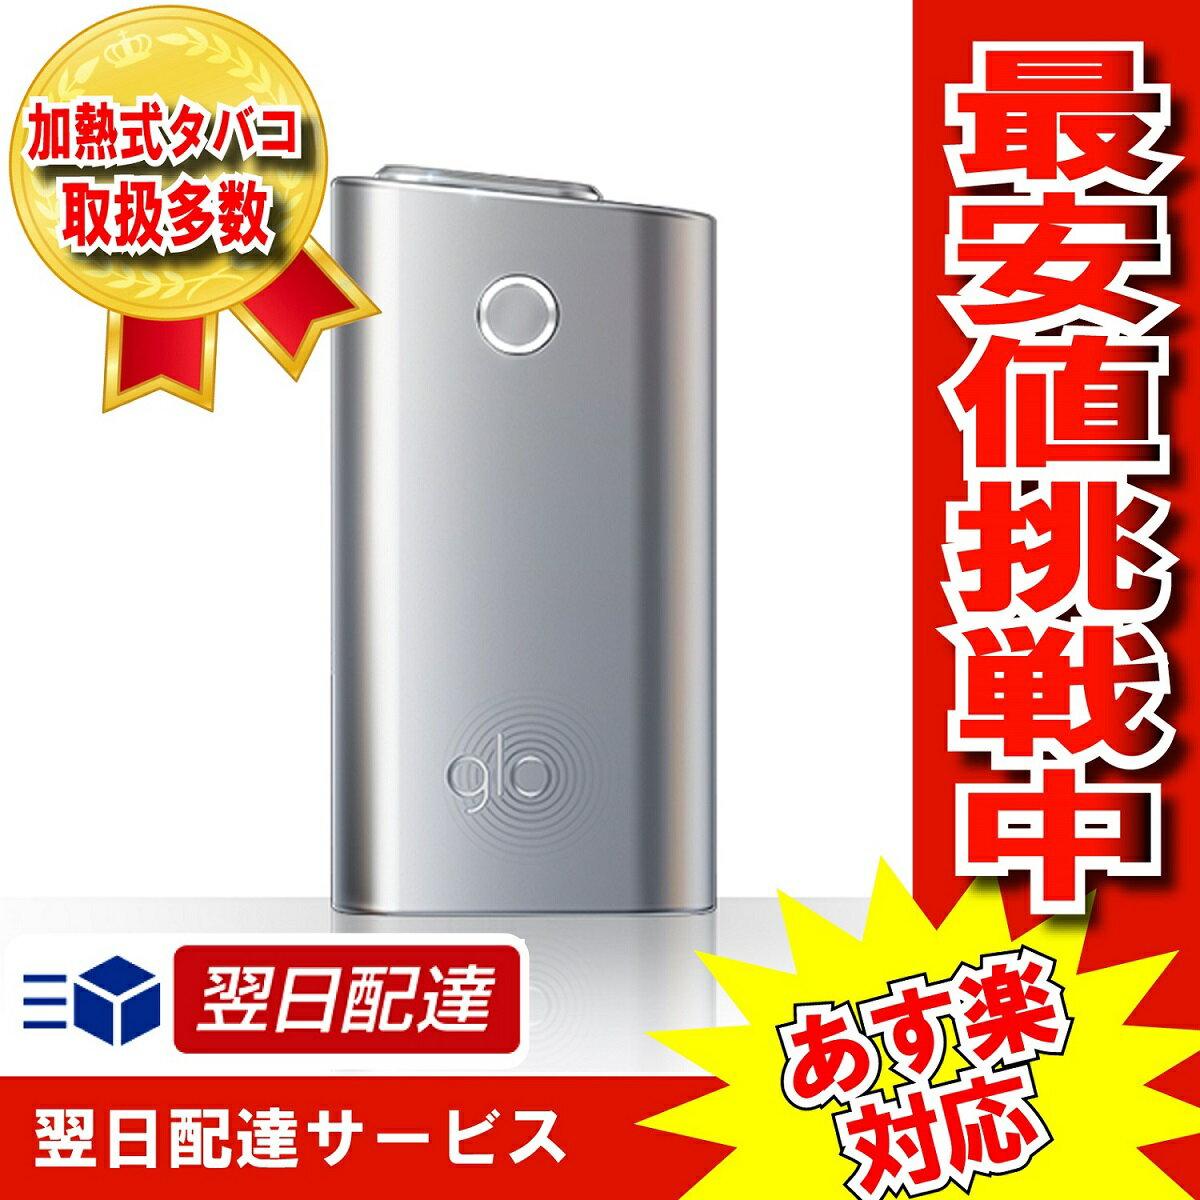 【中古・美品】【バージョンアップ仕様】gloスターターキット【国内正規品】  加熱式タバコ 電子タバコ 新型glo G1-10